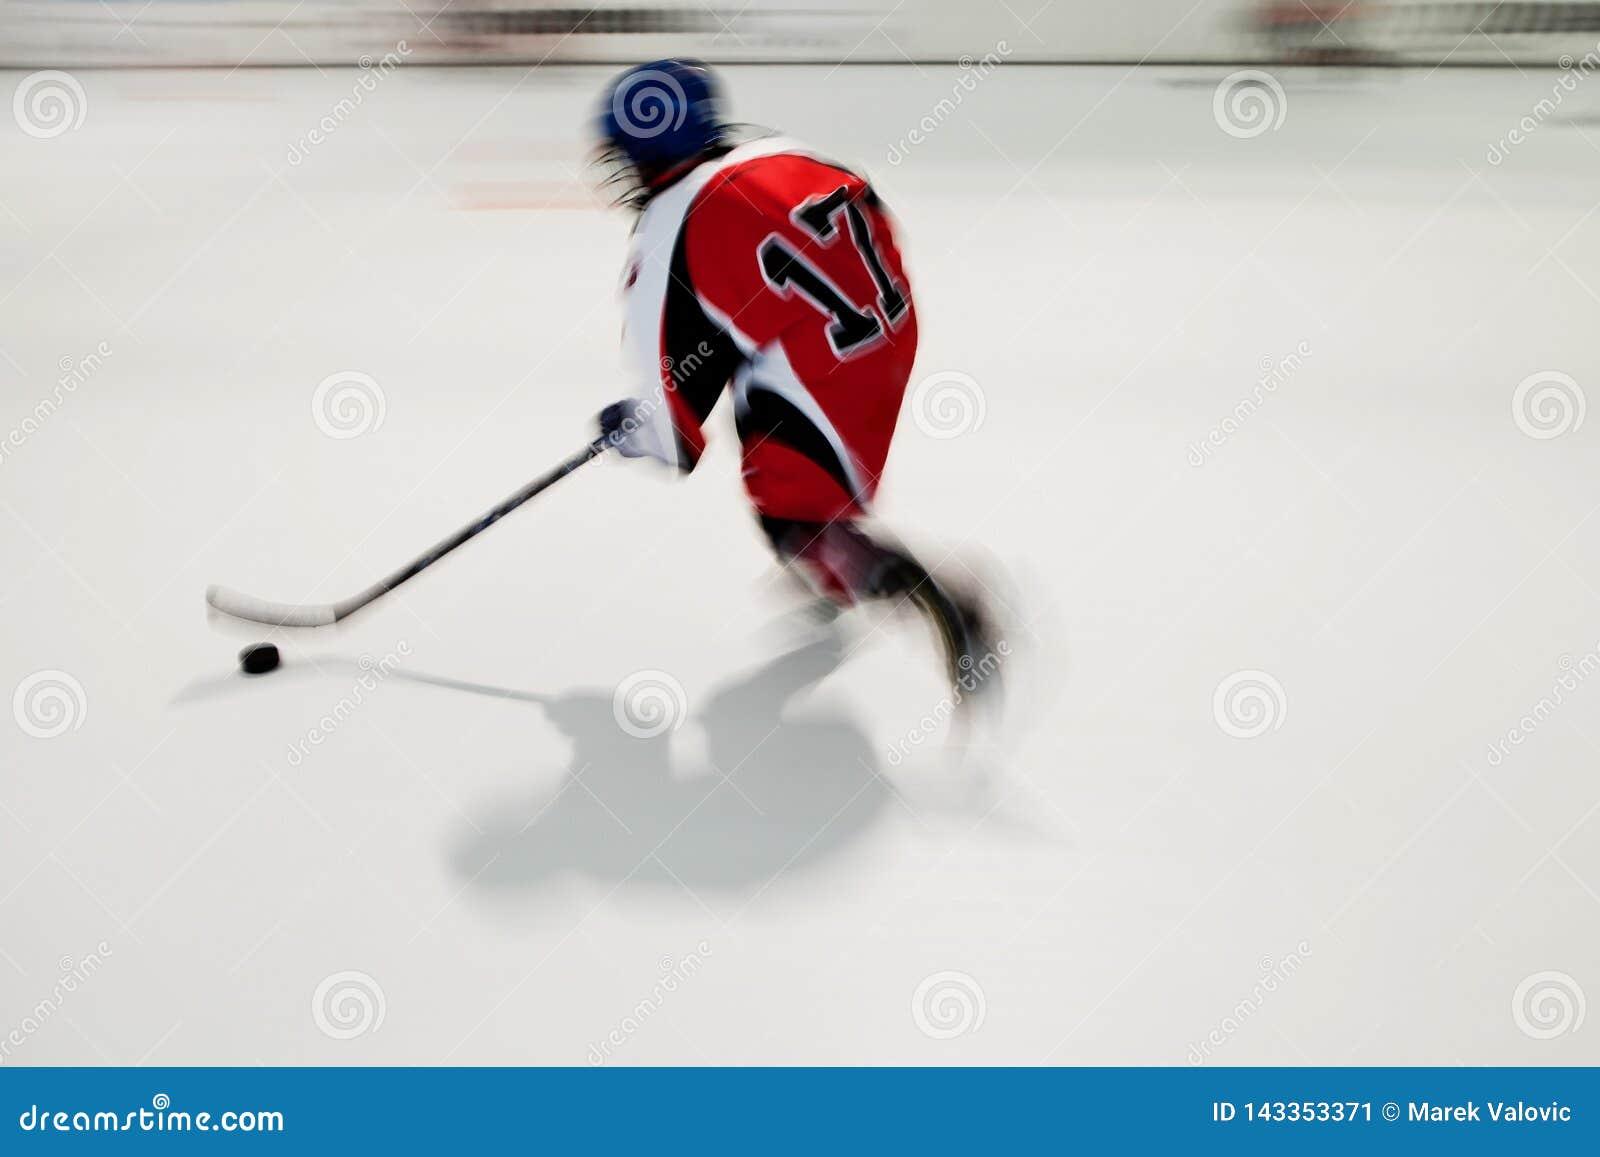 Μόνος νέος παίκτης χόκεϋ στο κόκκινο φόρεμα με τον αριθμό 17 στη μετακίνηση, μουτζουρωμένη κίνηση στο στάδιο πάγου